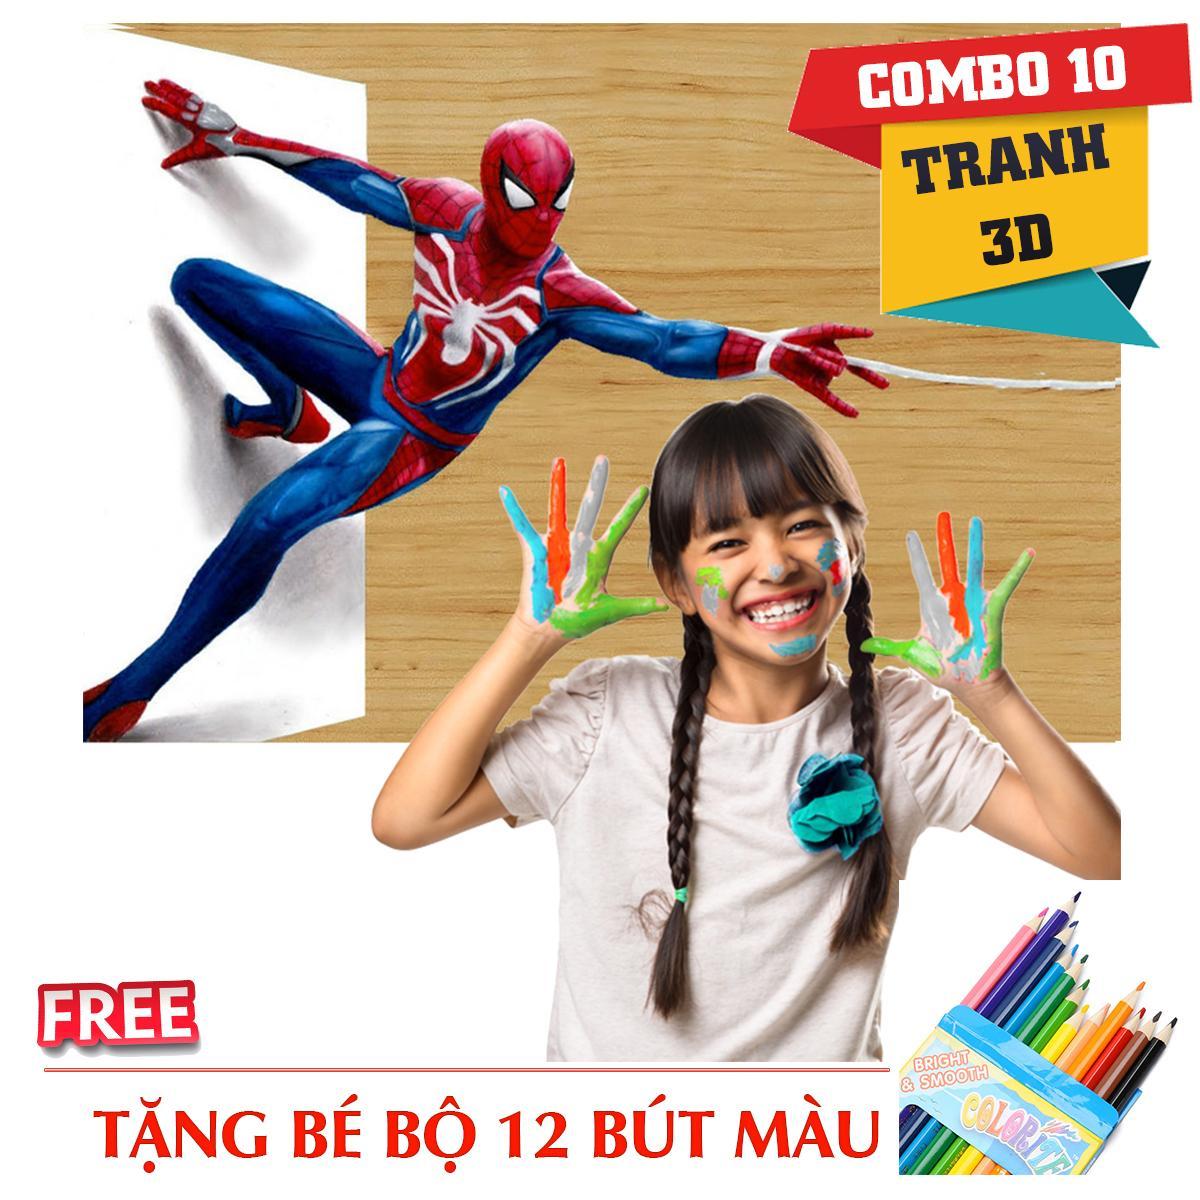 Hình ảnh Combo 10 tranh tô màu 3D + 50 bút màu - TẶNG FREE HỘP MÀU